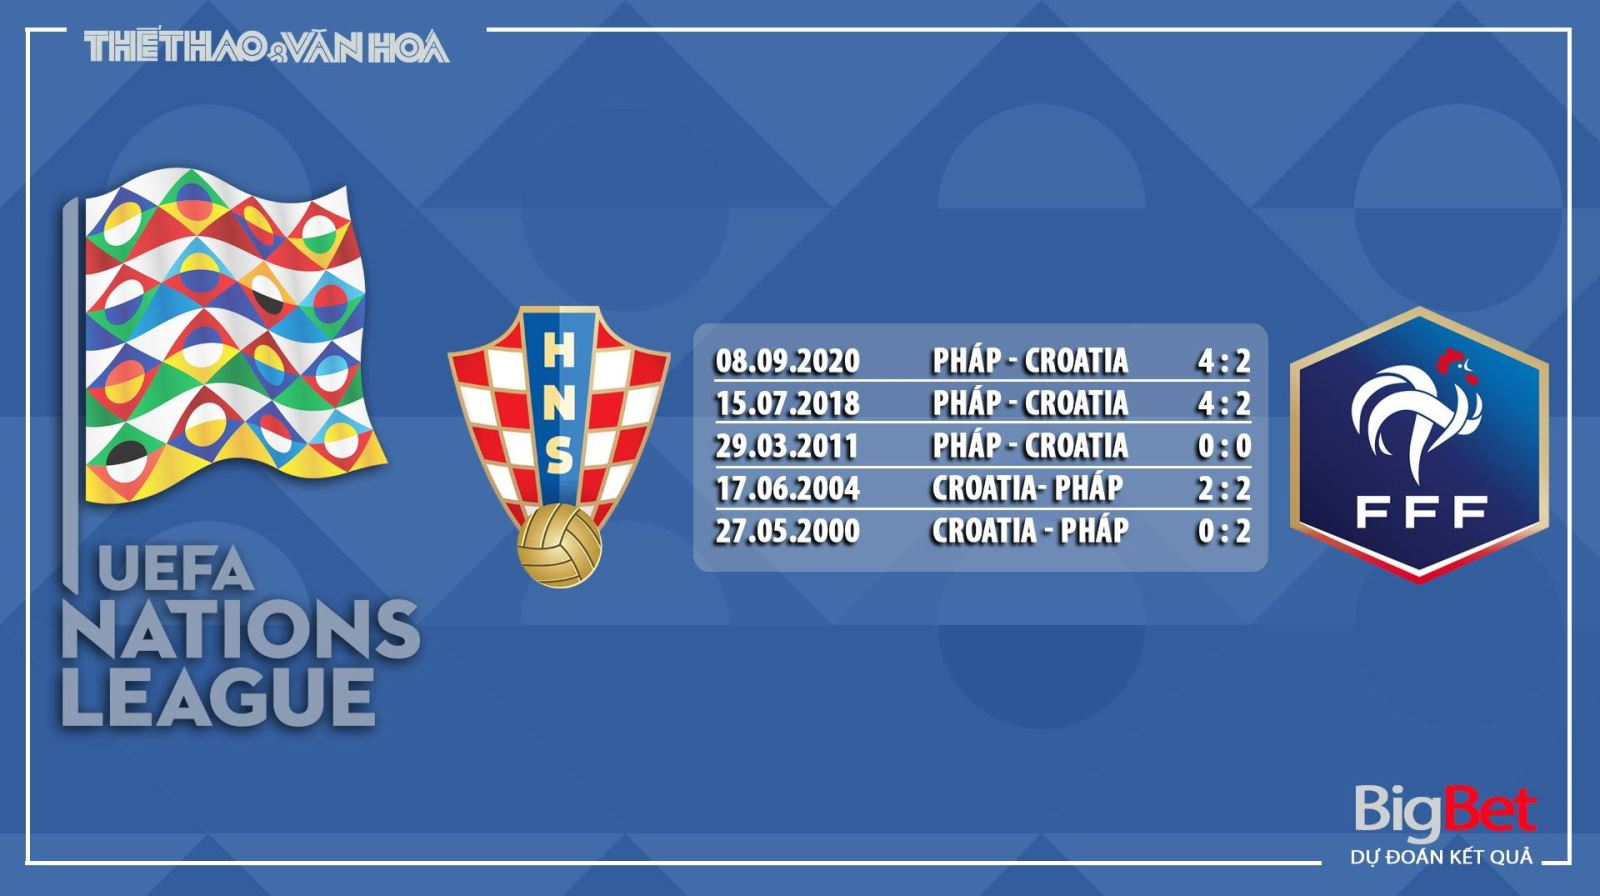 Keo nha cai, Kèo nhà cái, Croatia vs Pháp, Trực tiếp bóng đá UEFA Nations League, soi kèo Pháp đấu với Croatia, Kèo bóng đá Pháp, Kèo bóng đá Croatia, kèo bóng đá